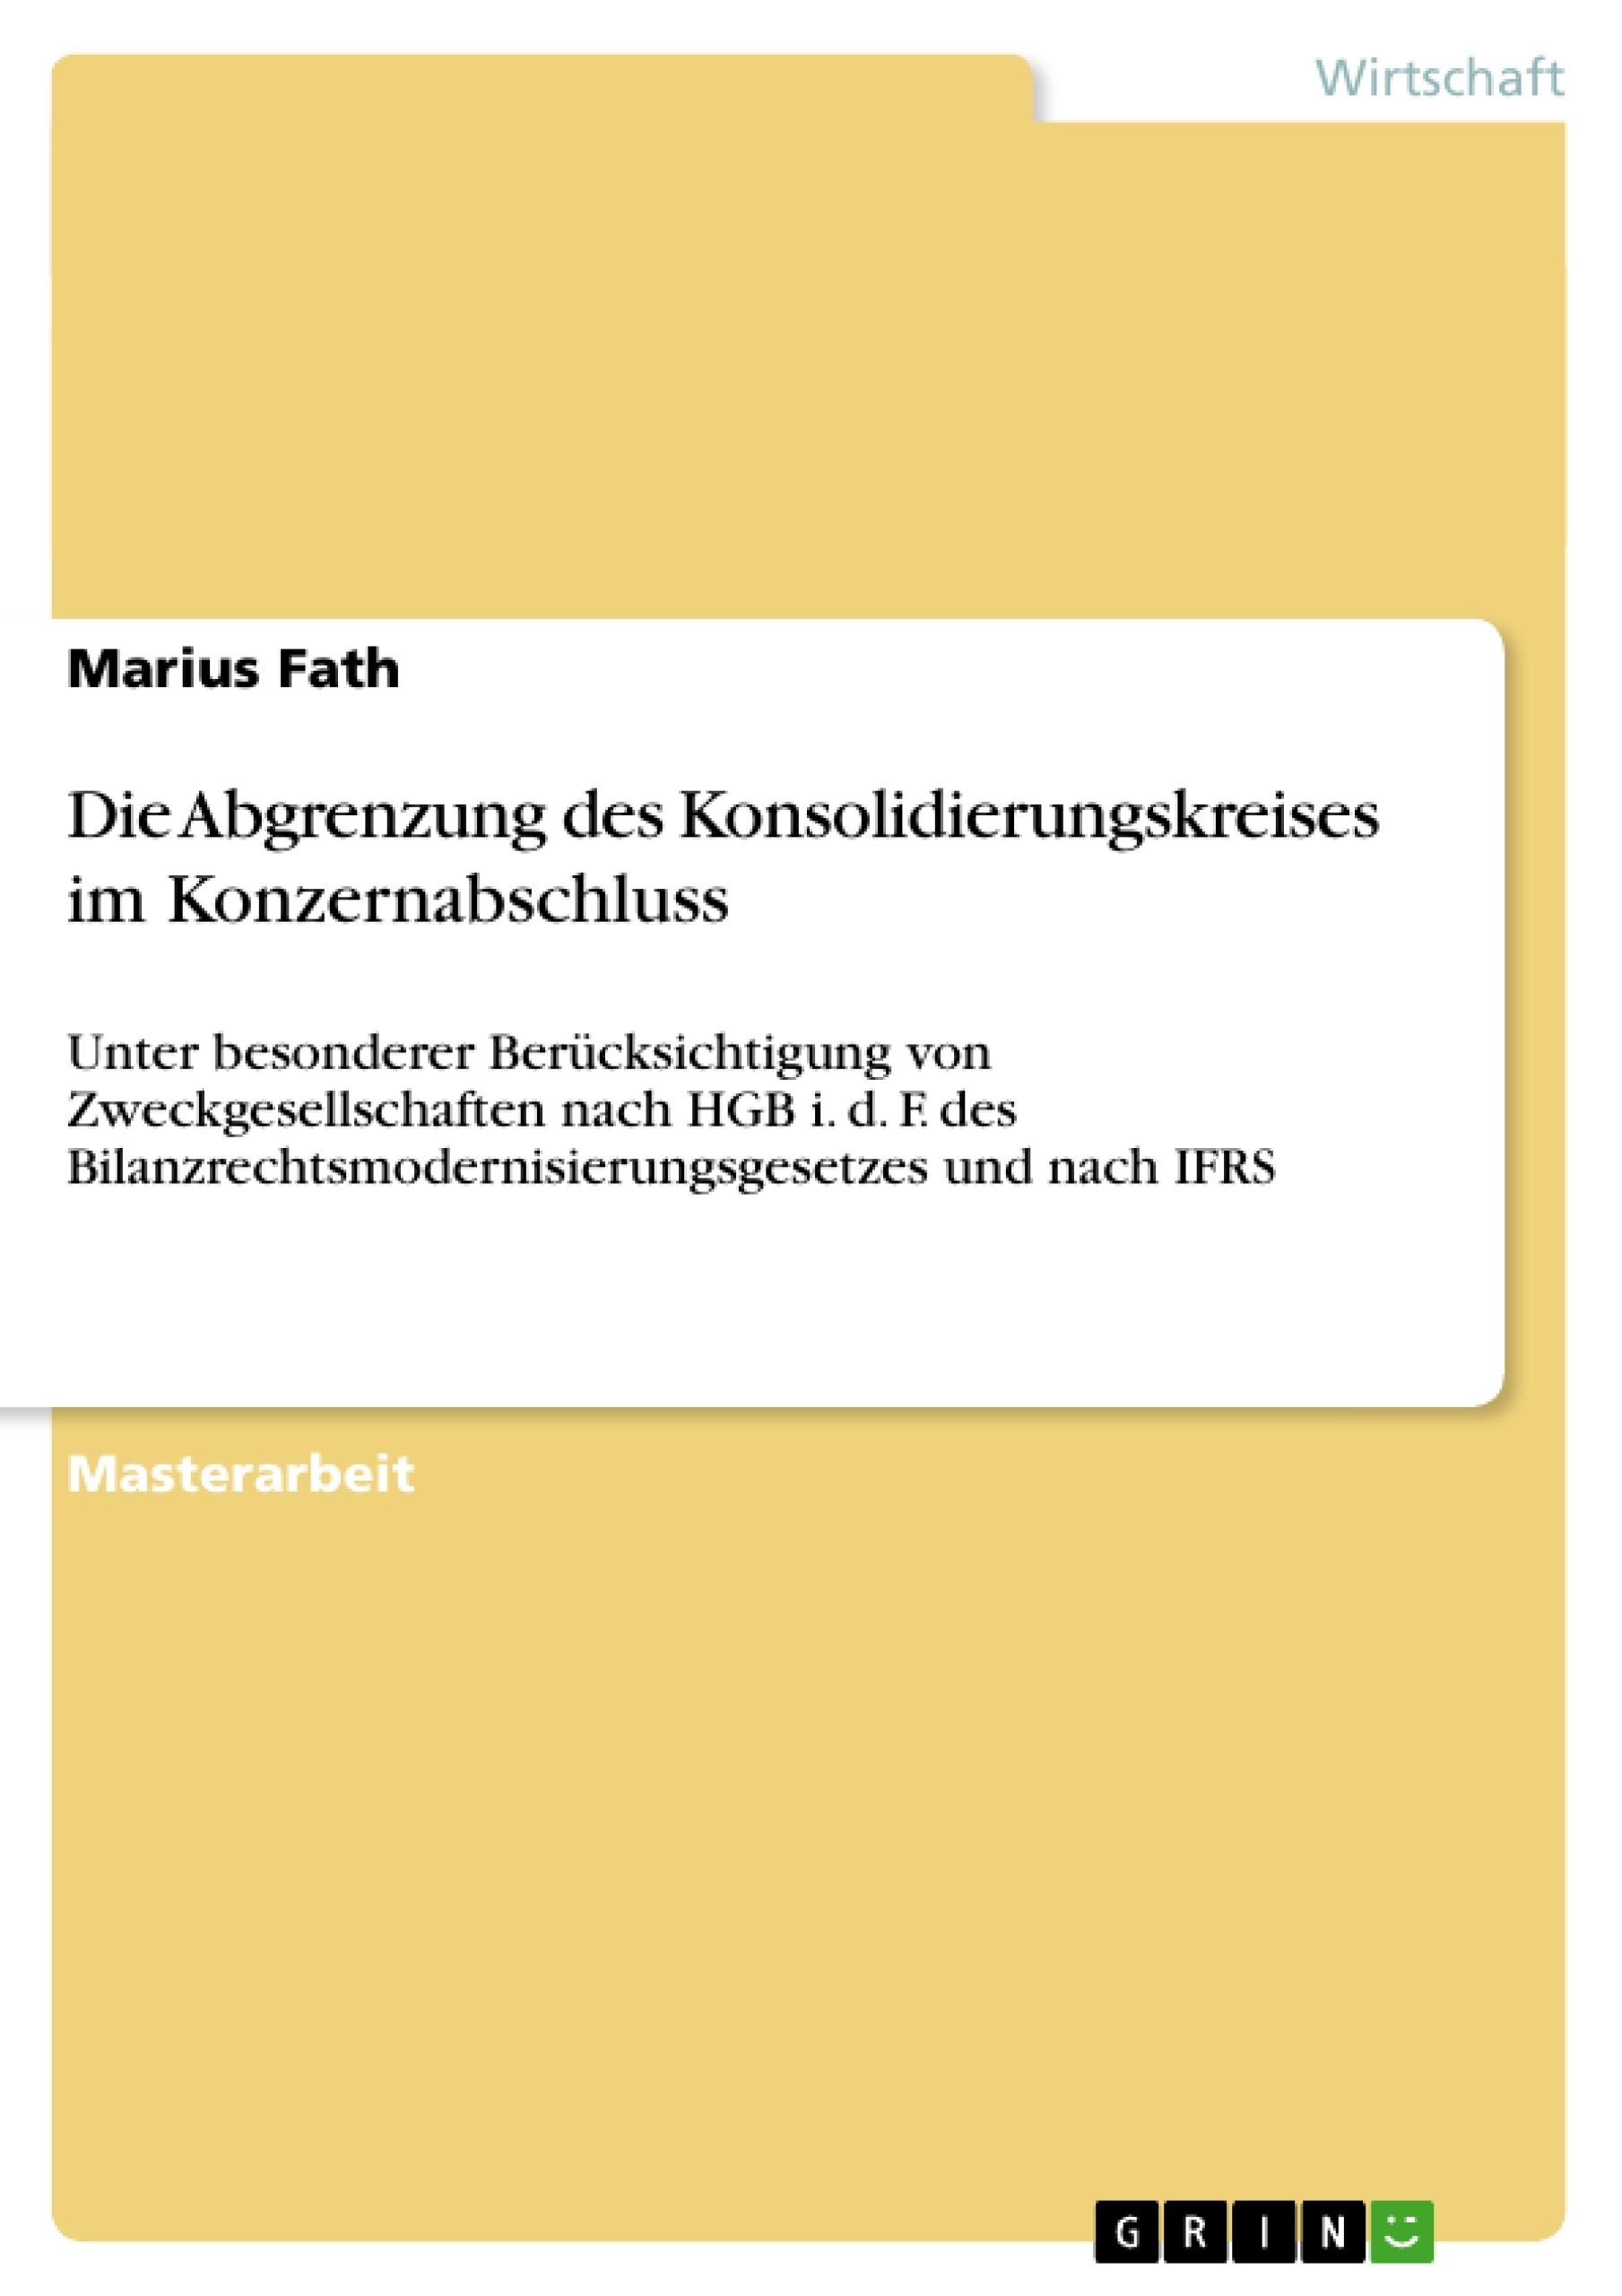 Titel: Die Abgrenzung des Konsolidierungskreises im Konzernabschluss